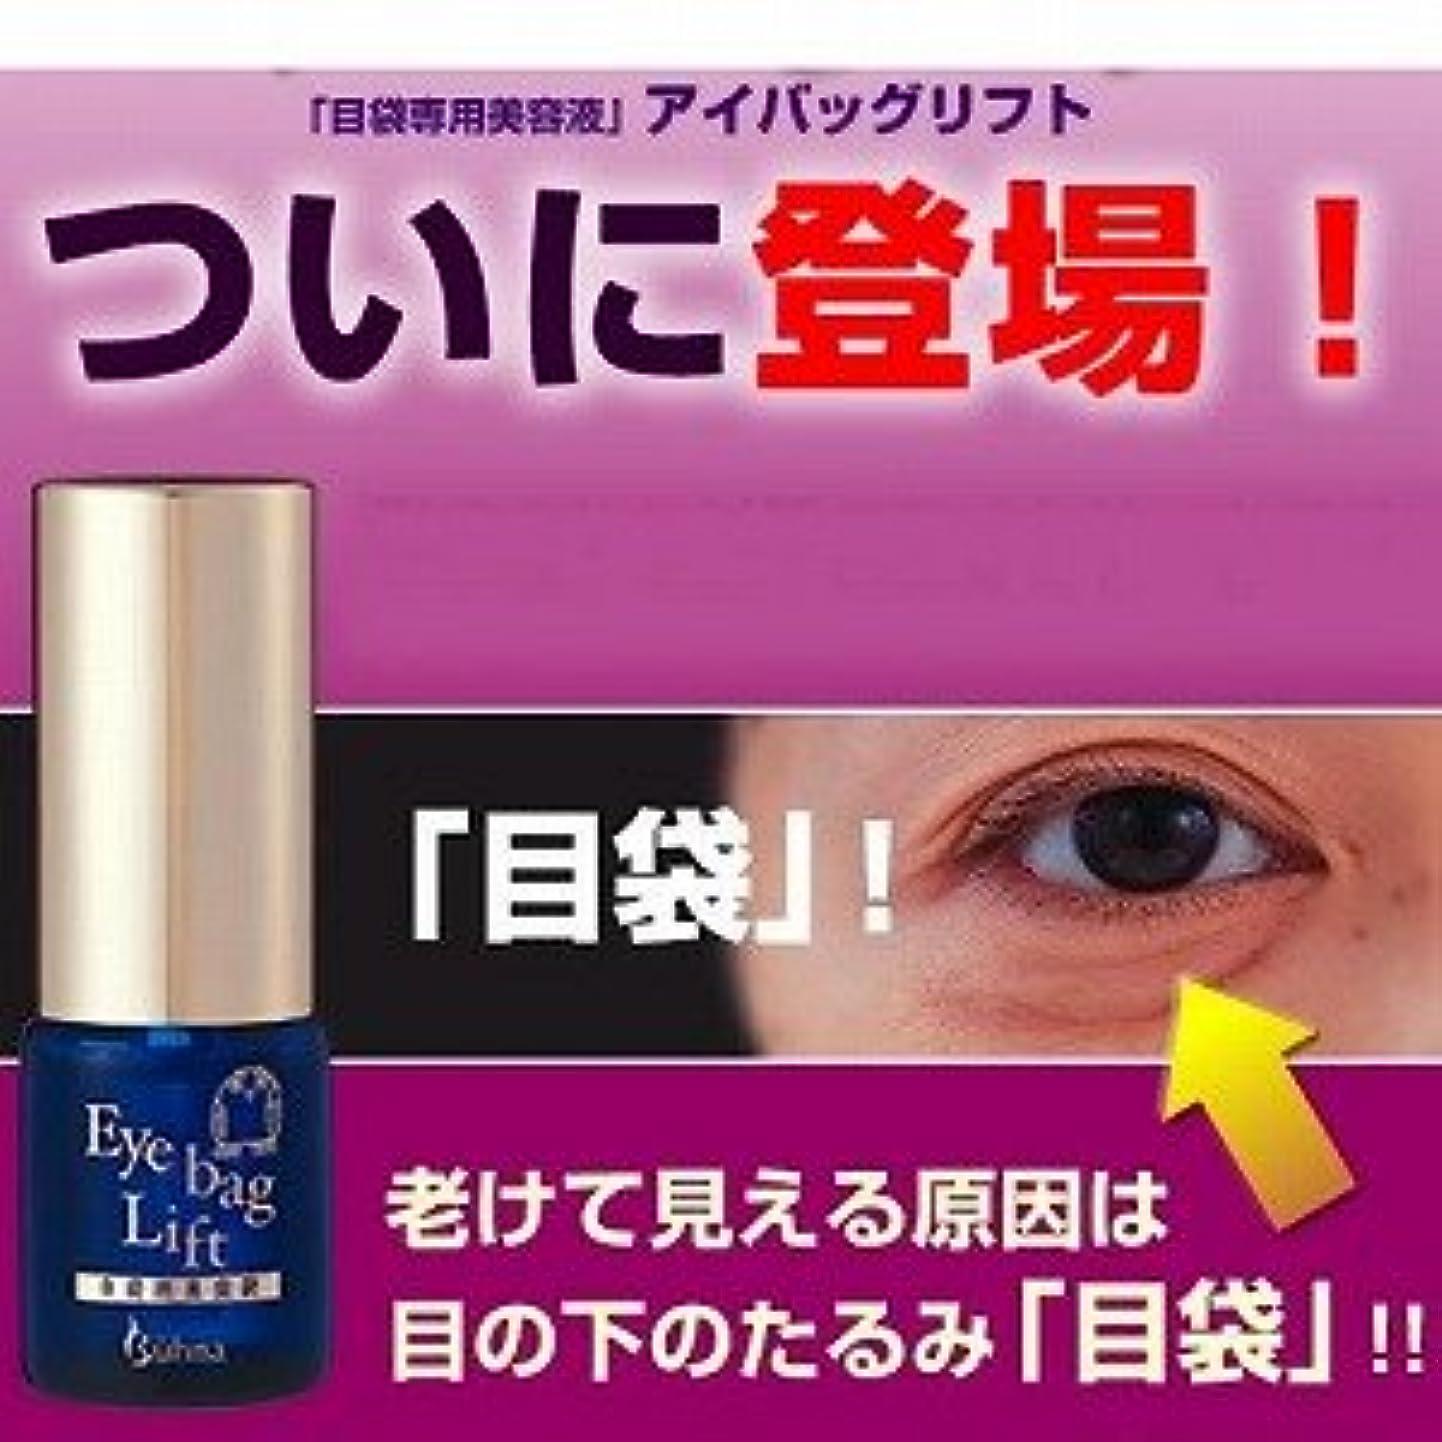 消す雑草カートリッジ老けて見える原因は、目元、目の下のたるみ「目袋」『目袋専用美容液 アイバッグリフト』